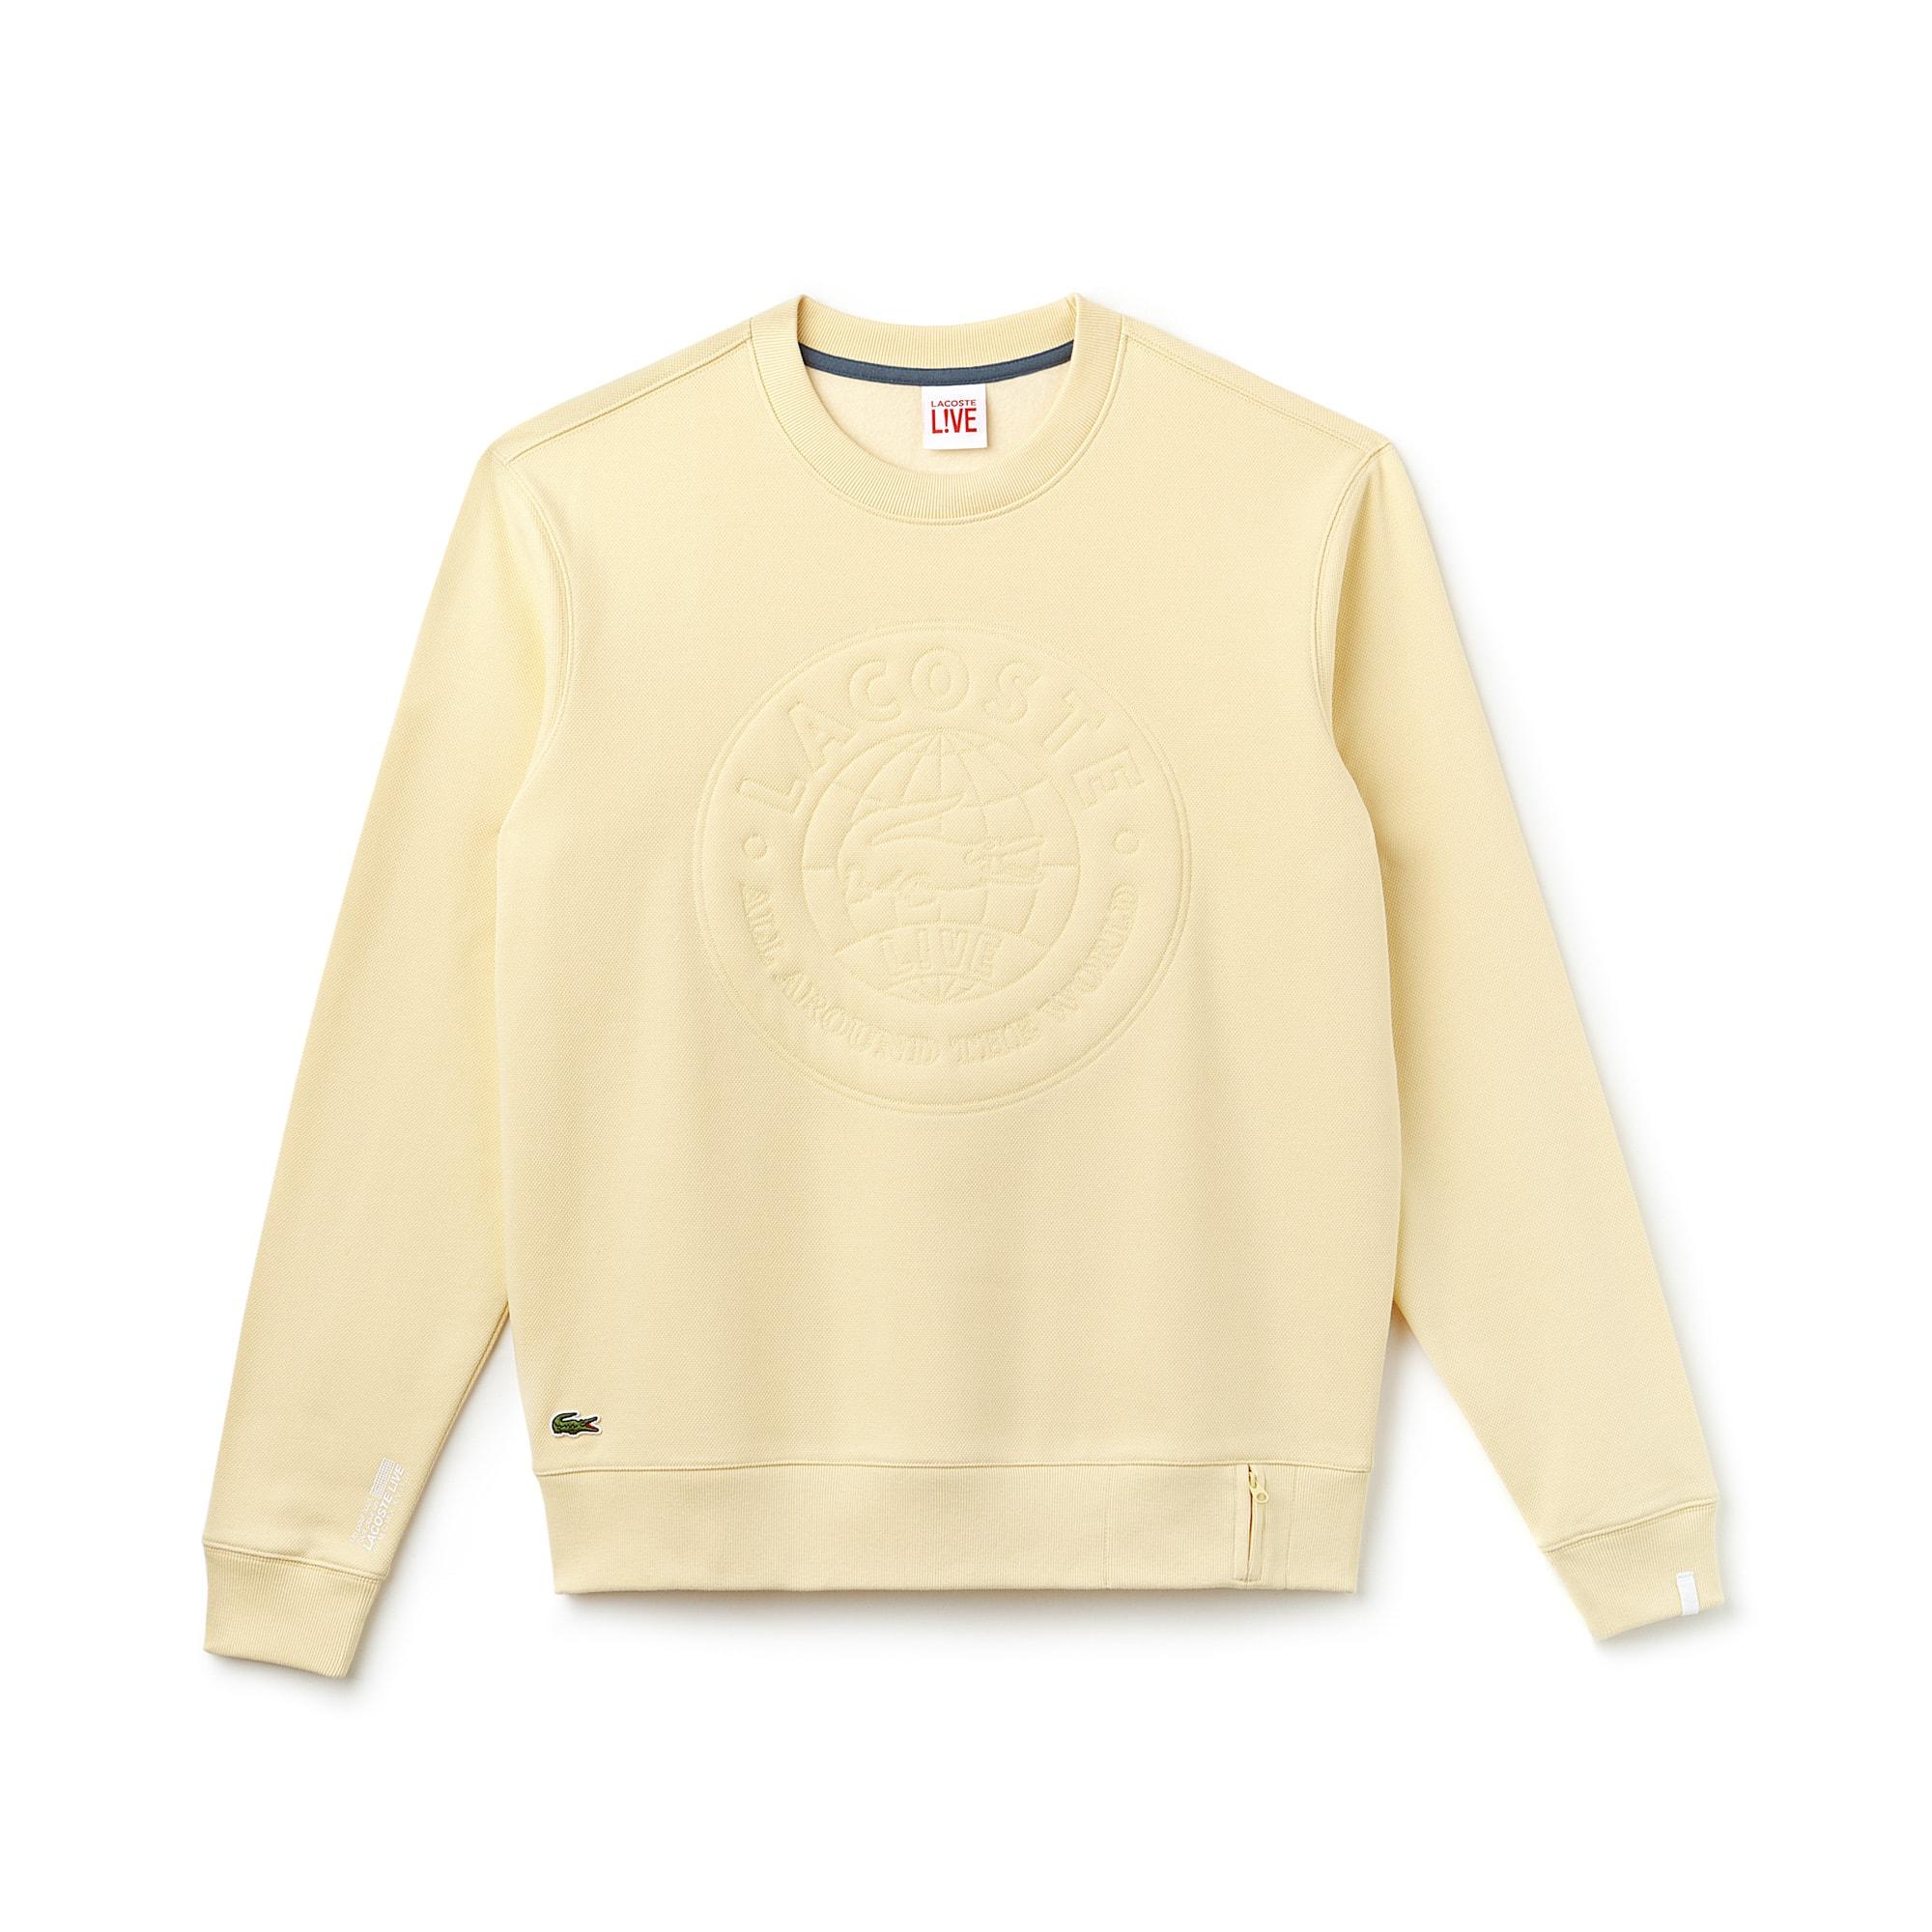 Unisex Lacoste LIVE Logo Design Cotton Sweatshirt